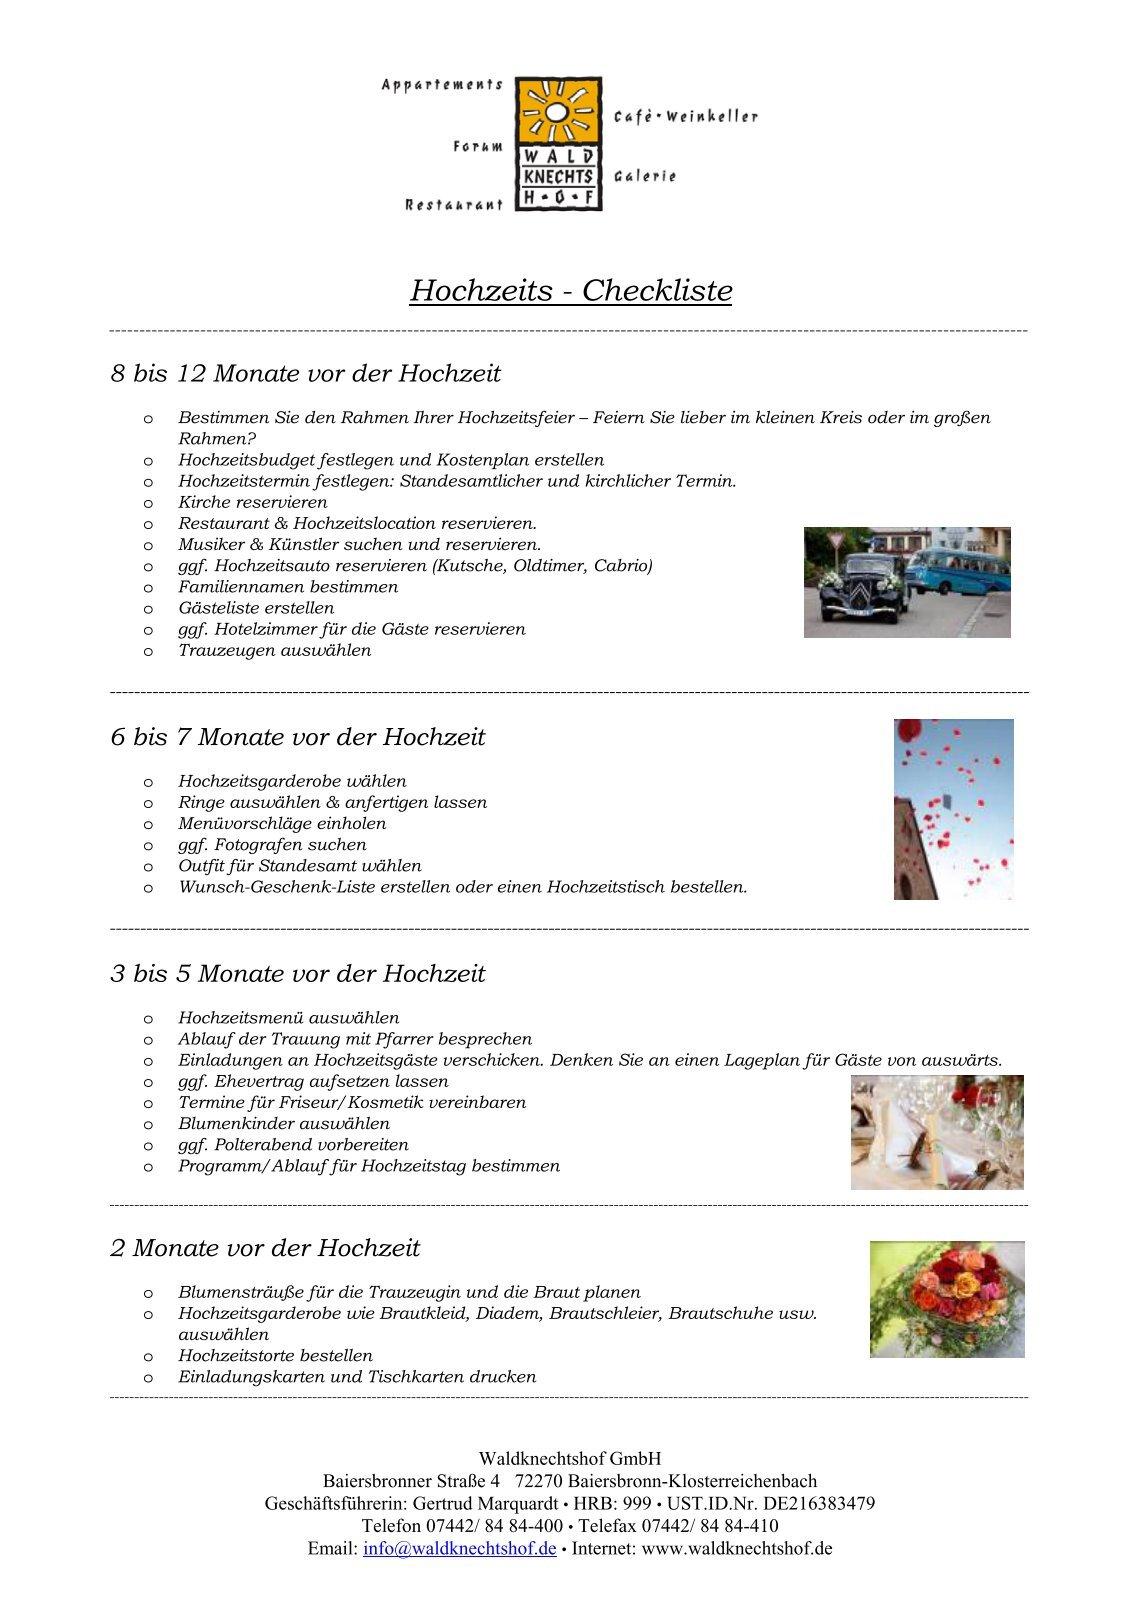 Hochzeits Checkliste Pdf Checkliste Hochzeit Zum Abhaken Perfect